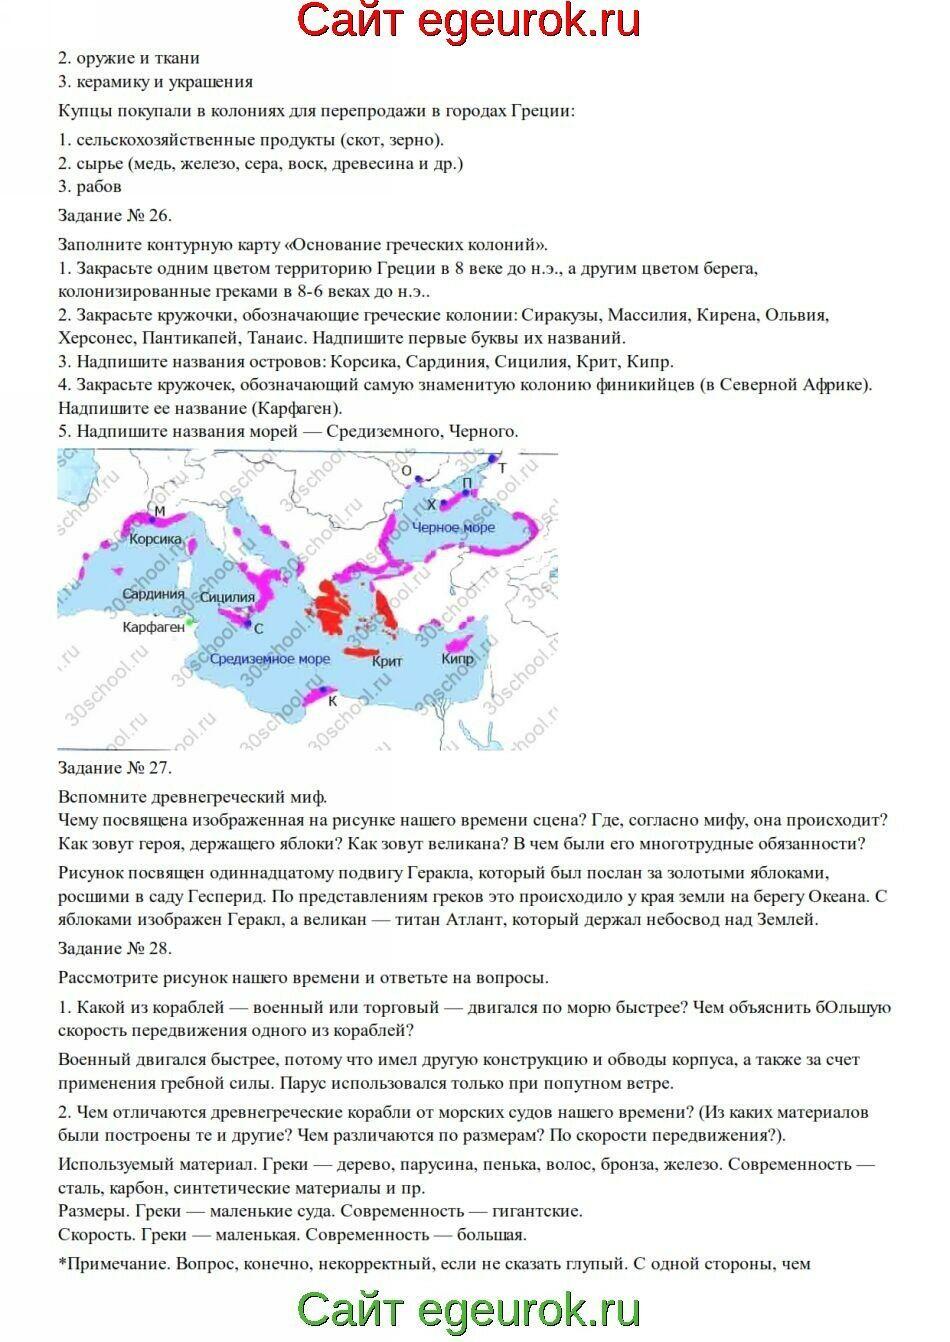 домашняя работа по беларускай мове 3 класс